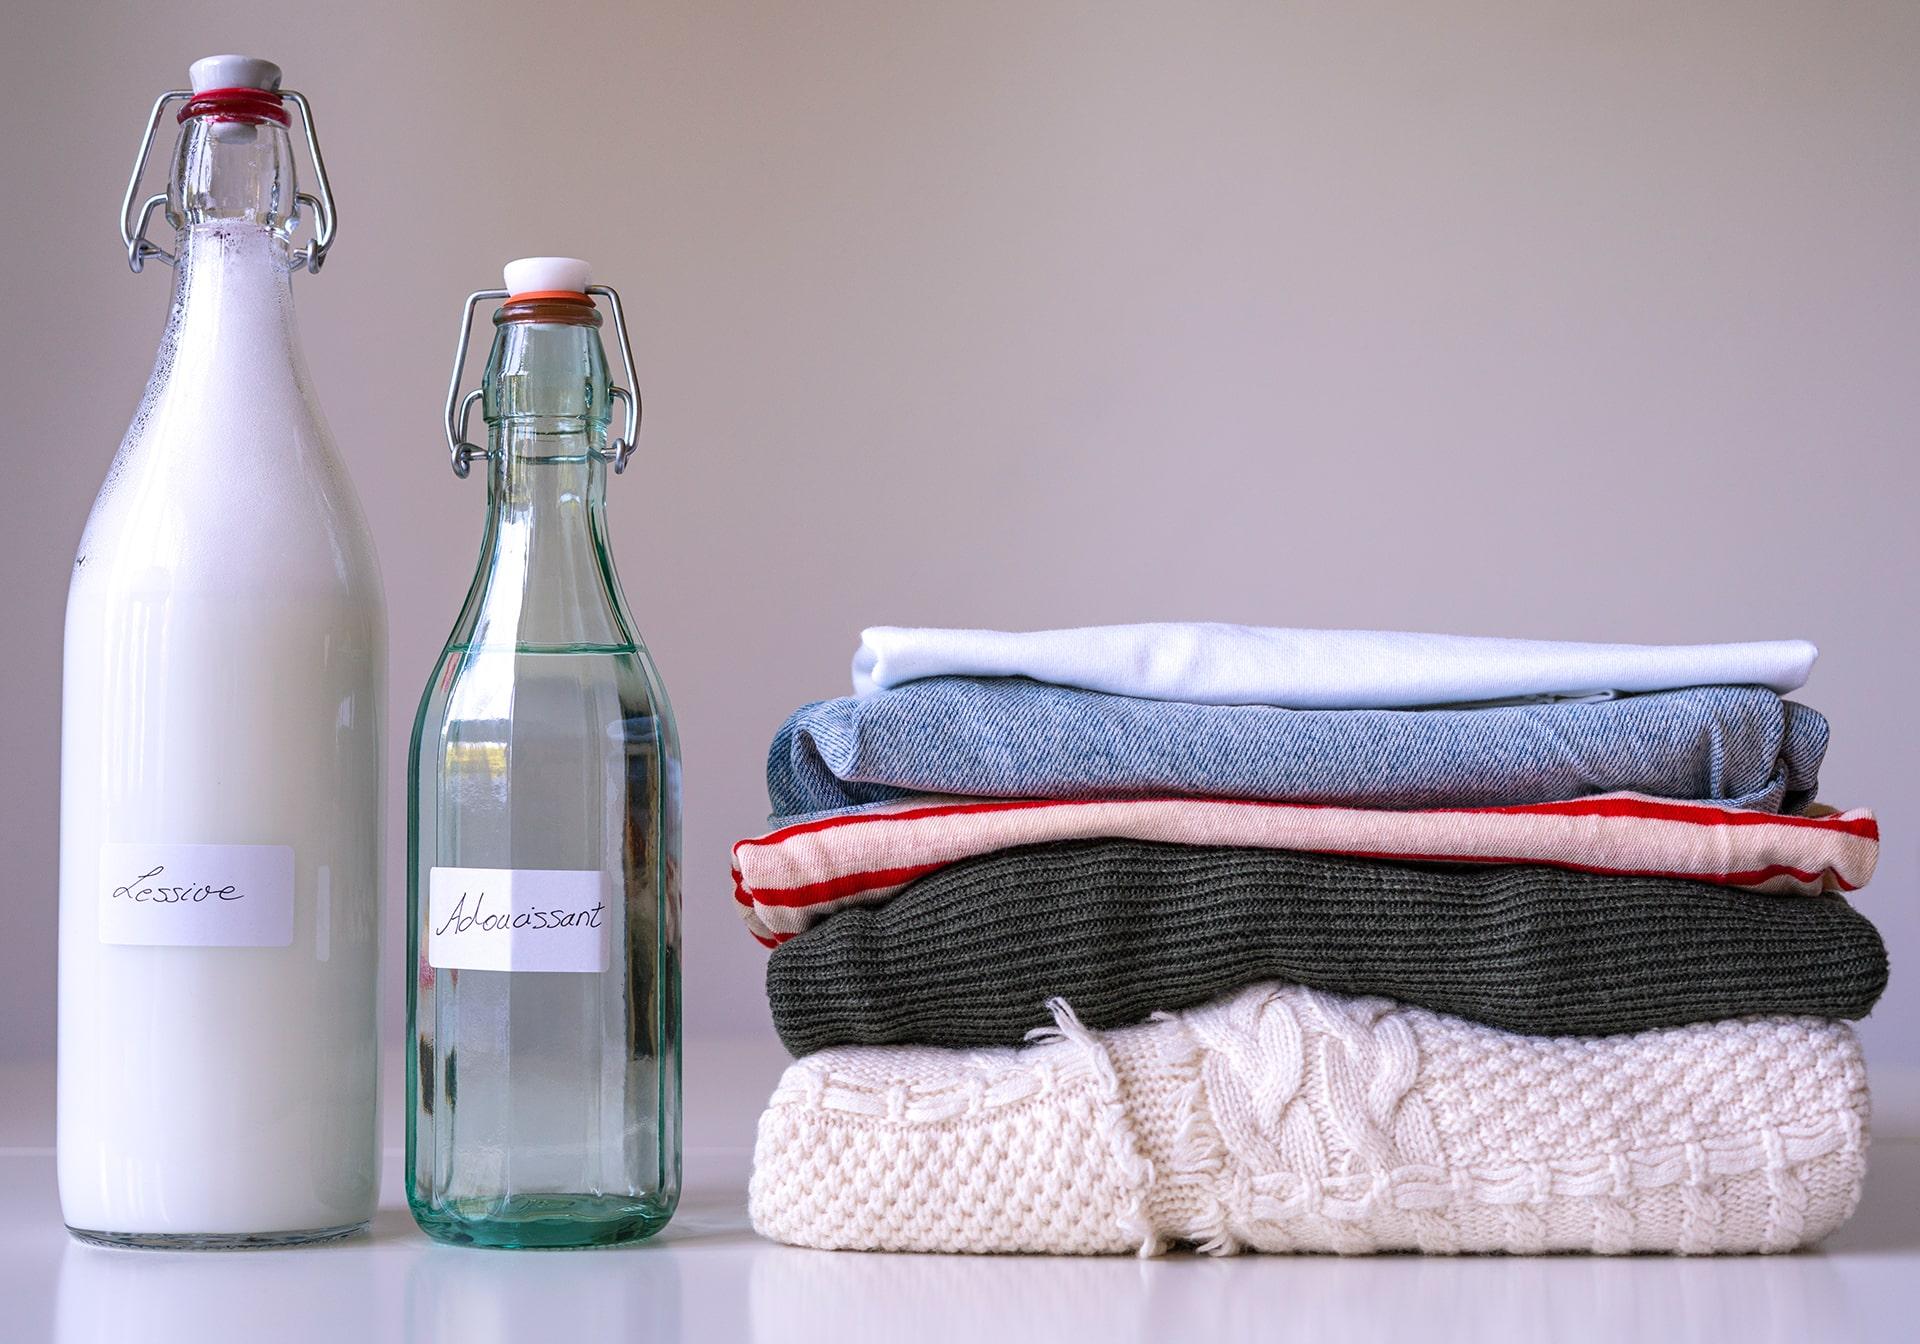 Blog Lifestyle - Tentez la réalisation de votre lessive et adoucissant - Suivre sa Joie - Saskia Parein